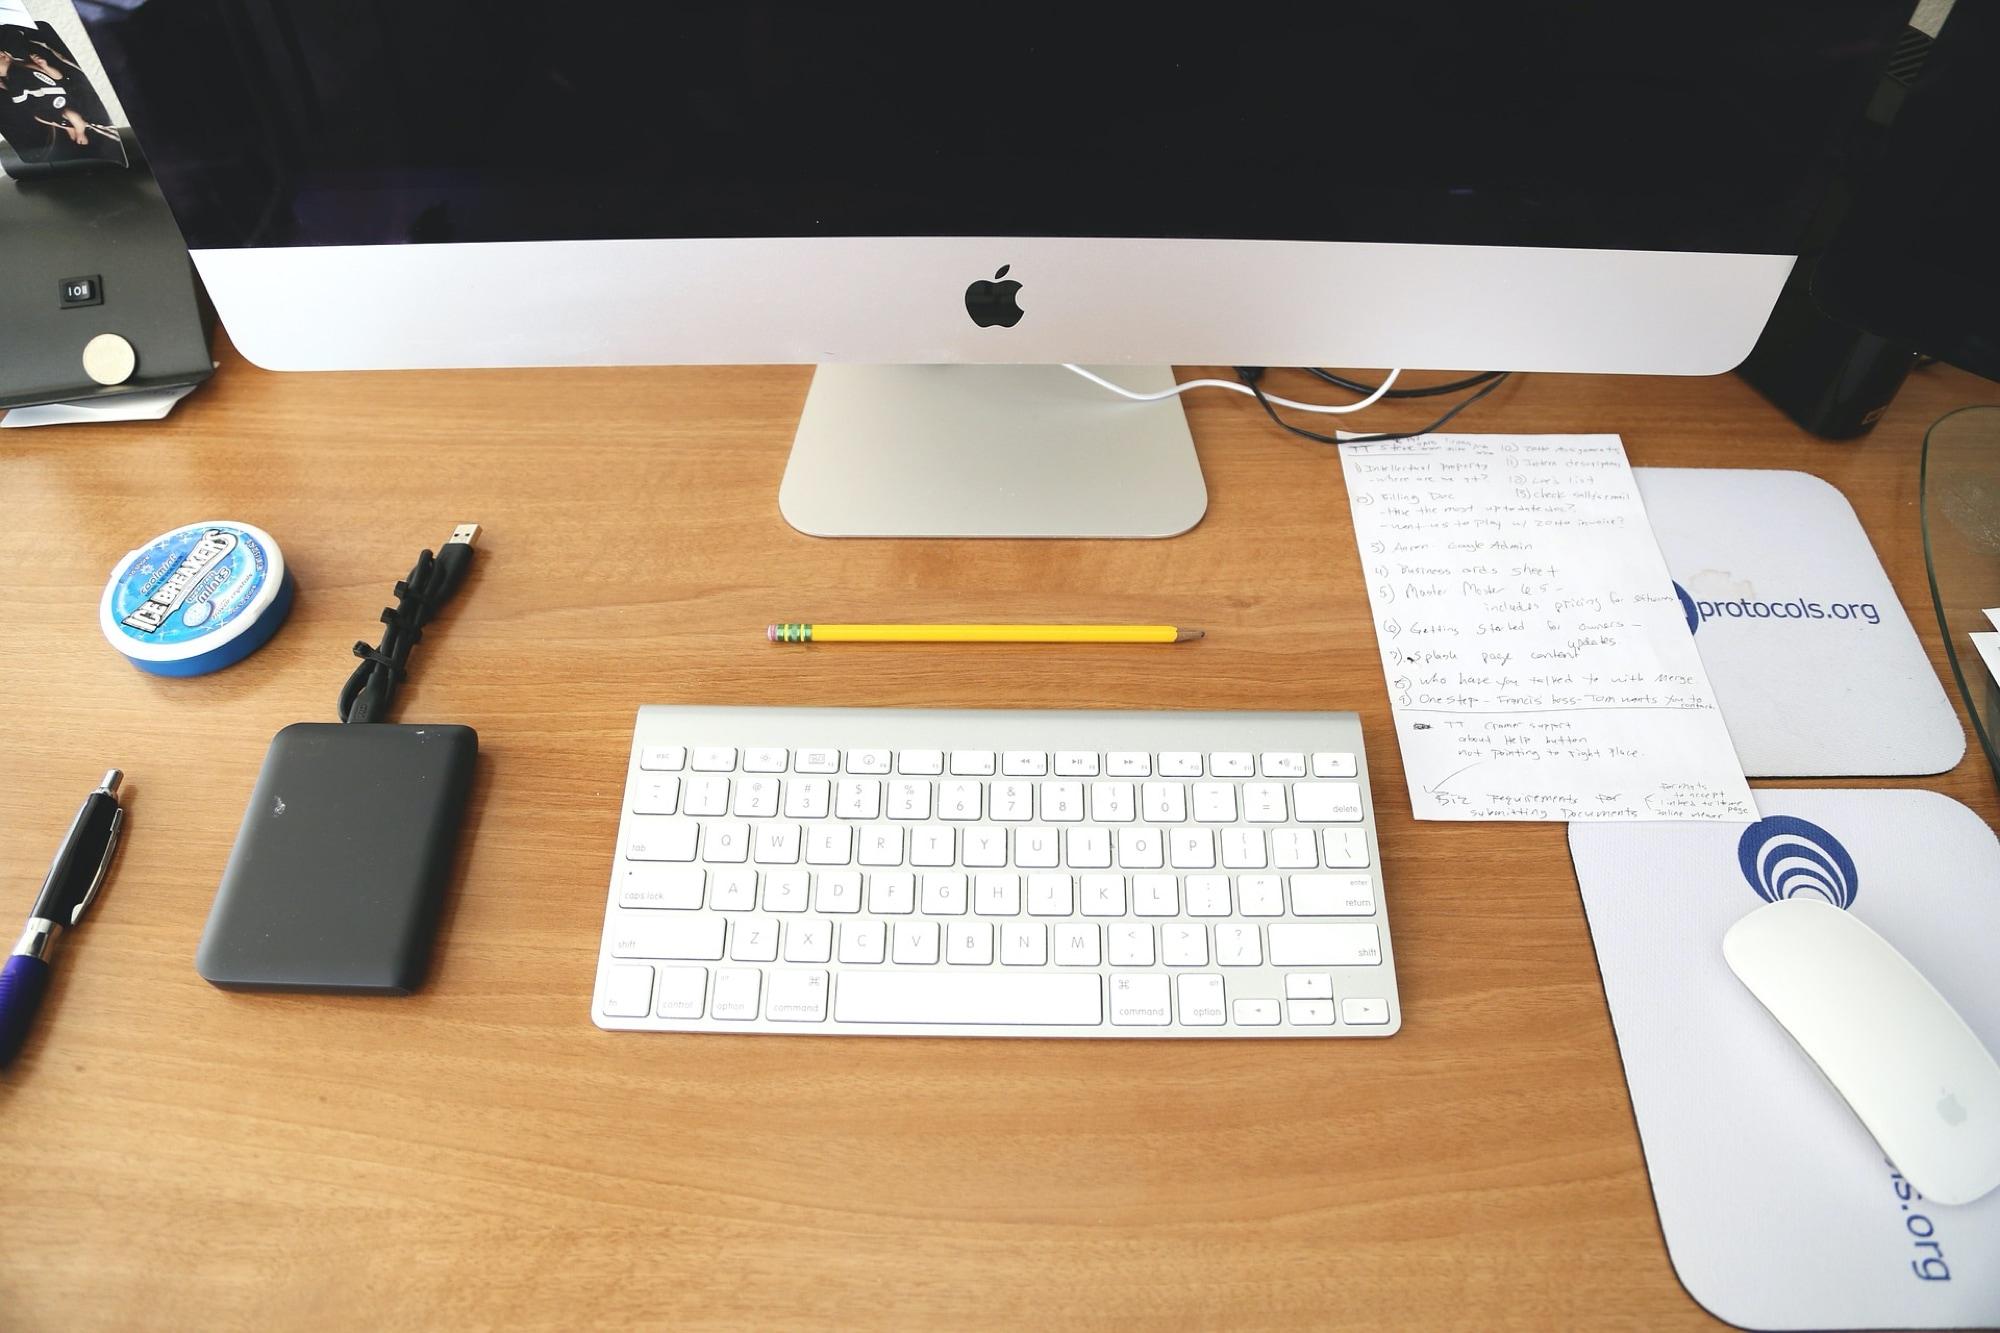 iMac keyboard - Calculator keyboard shortcuts